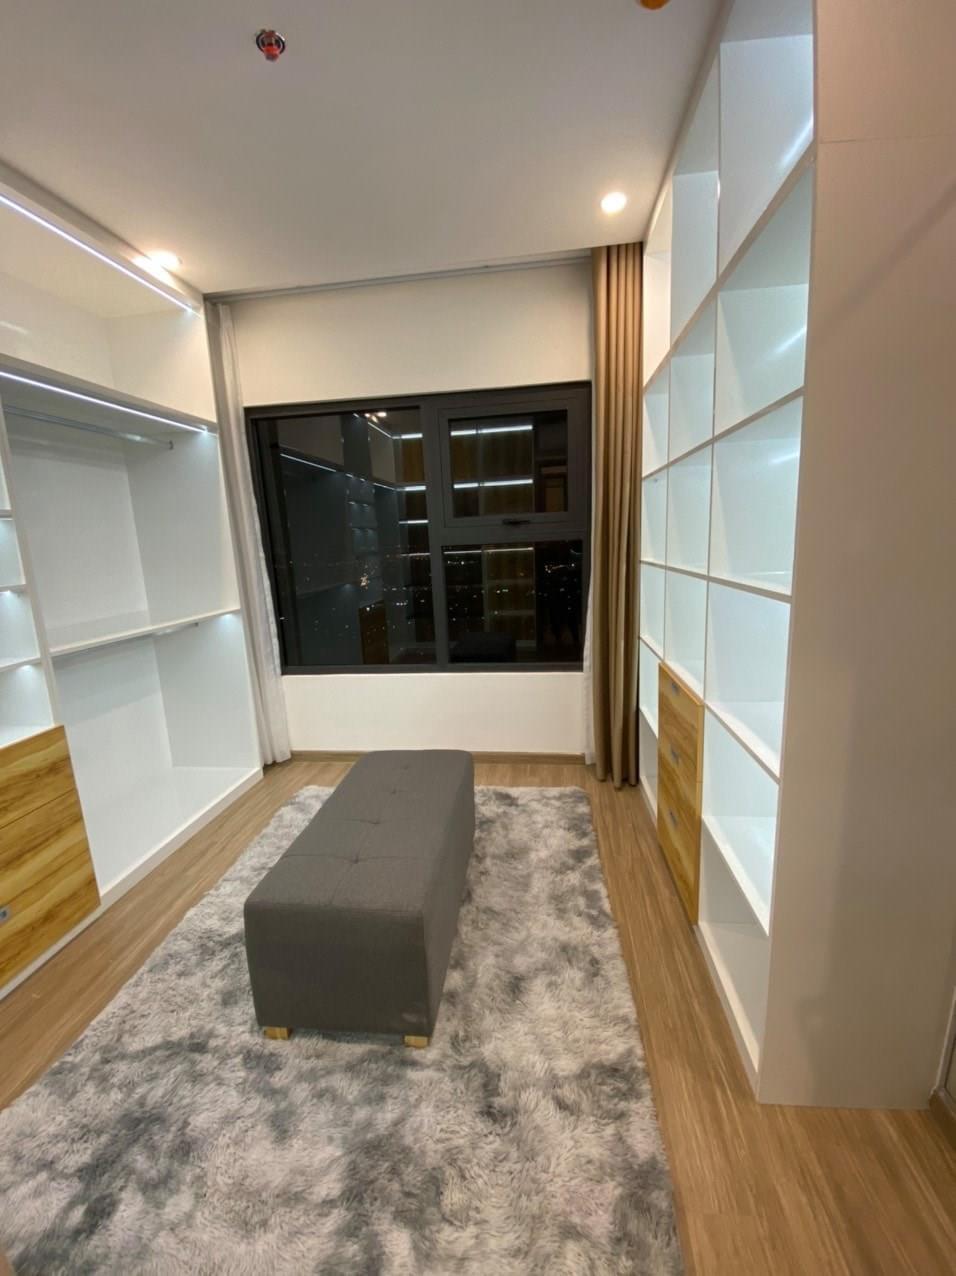 Căn hộ 3 phòng ngủ Toà S5.03 đầy đủ nội thất 12tr/tháng 3